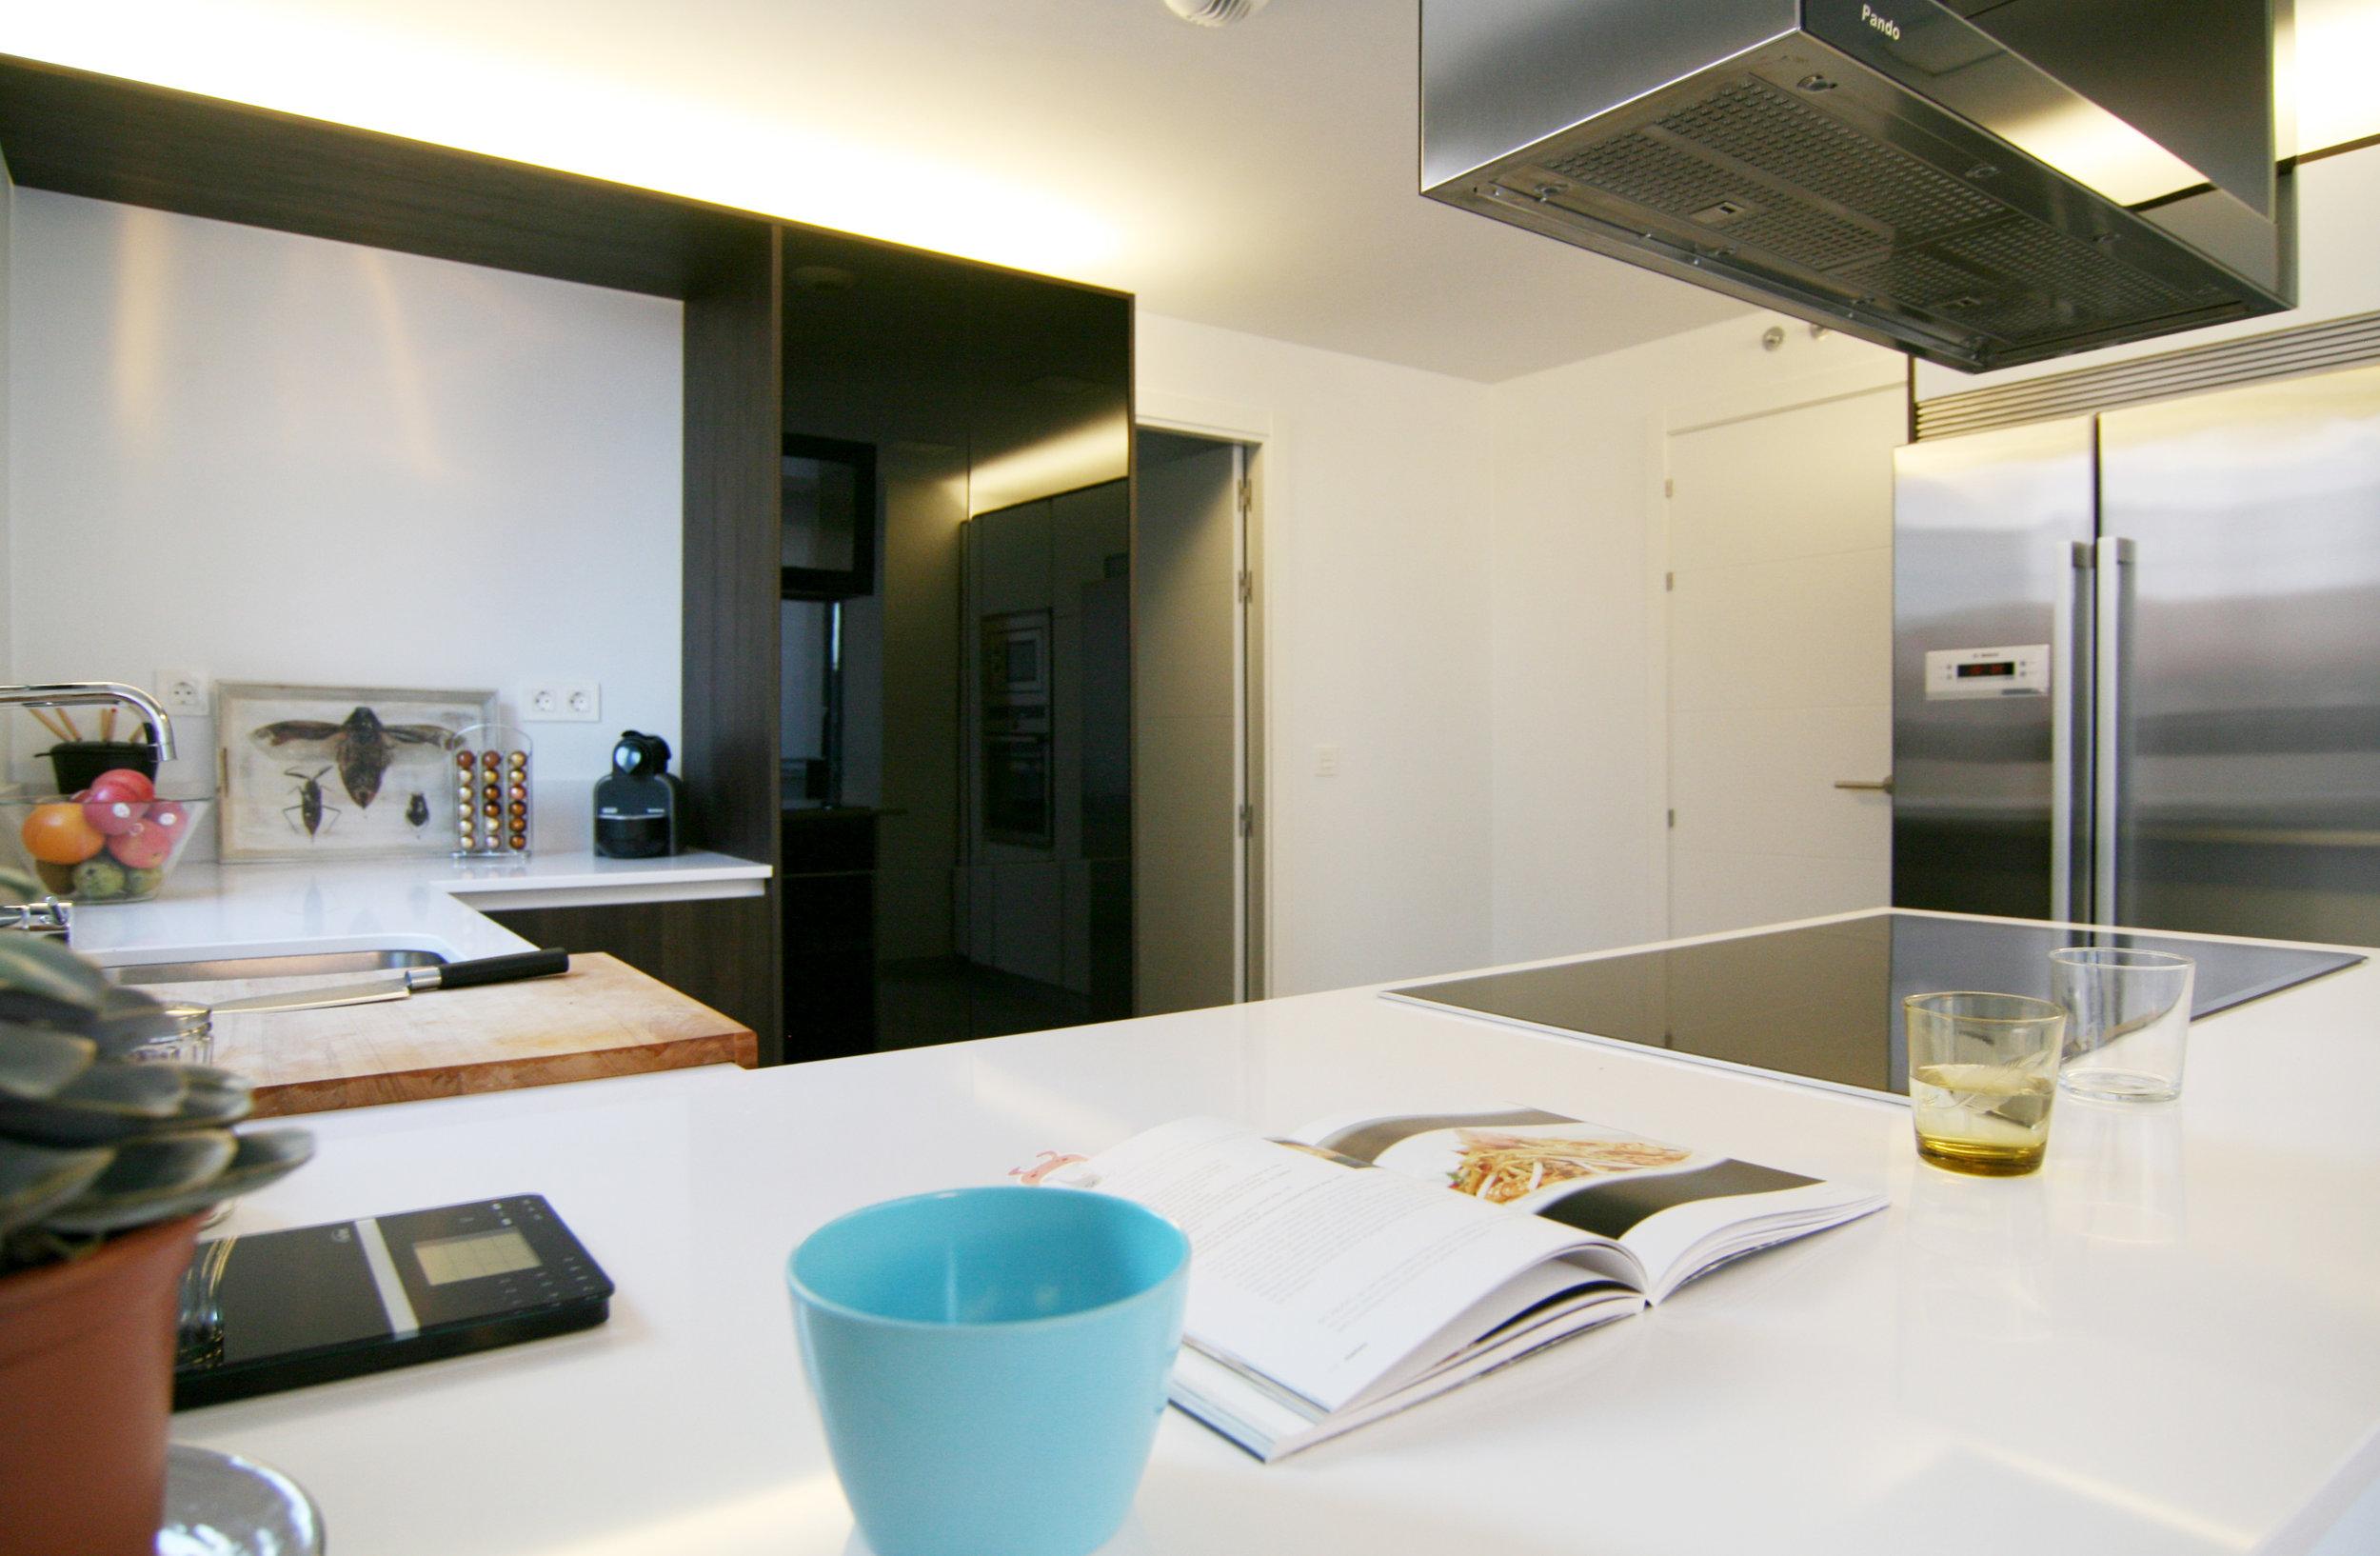 diseño slow emmme studio la cocina de Pablo y Esther - 06 - SM.jpg